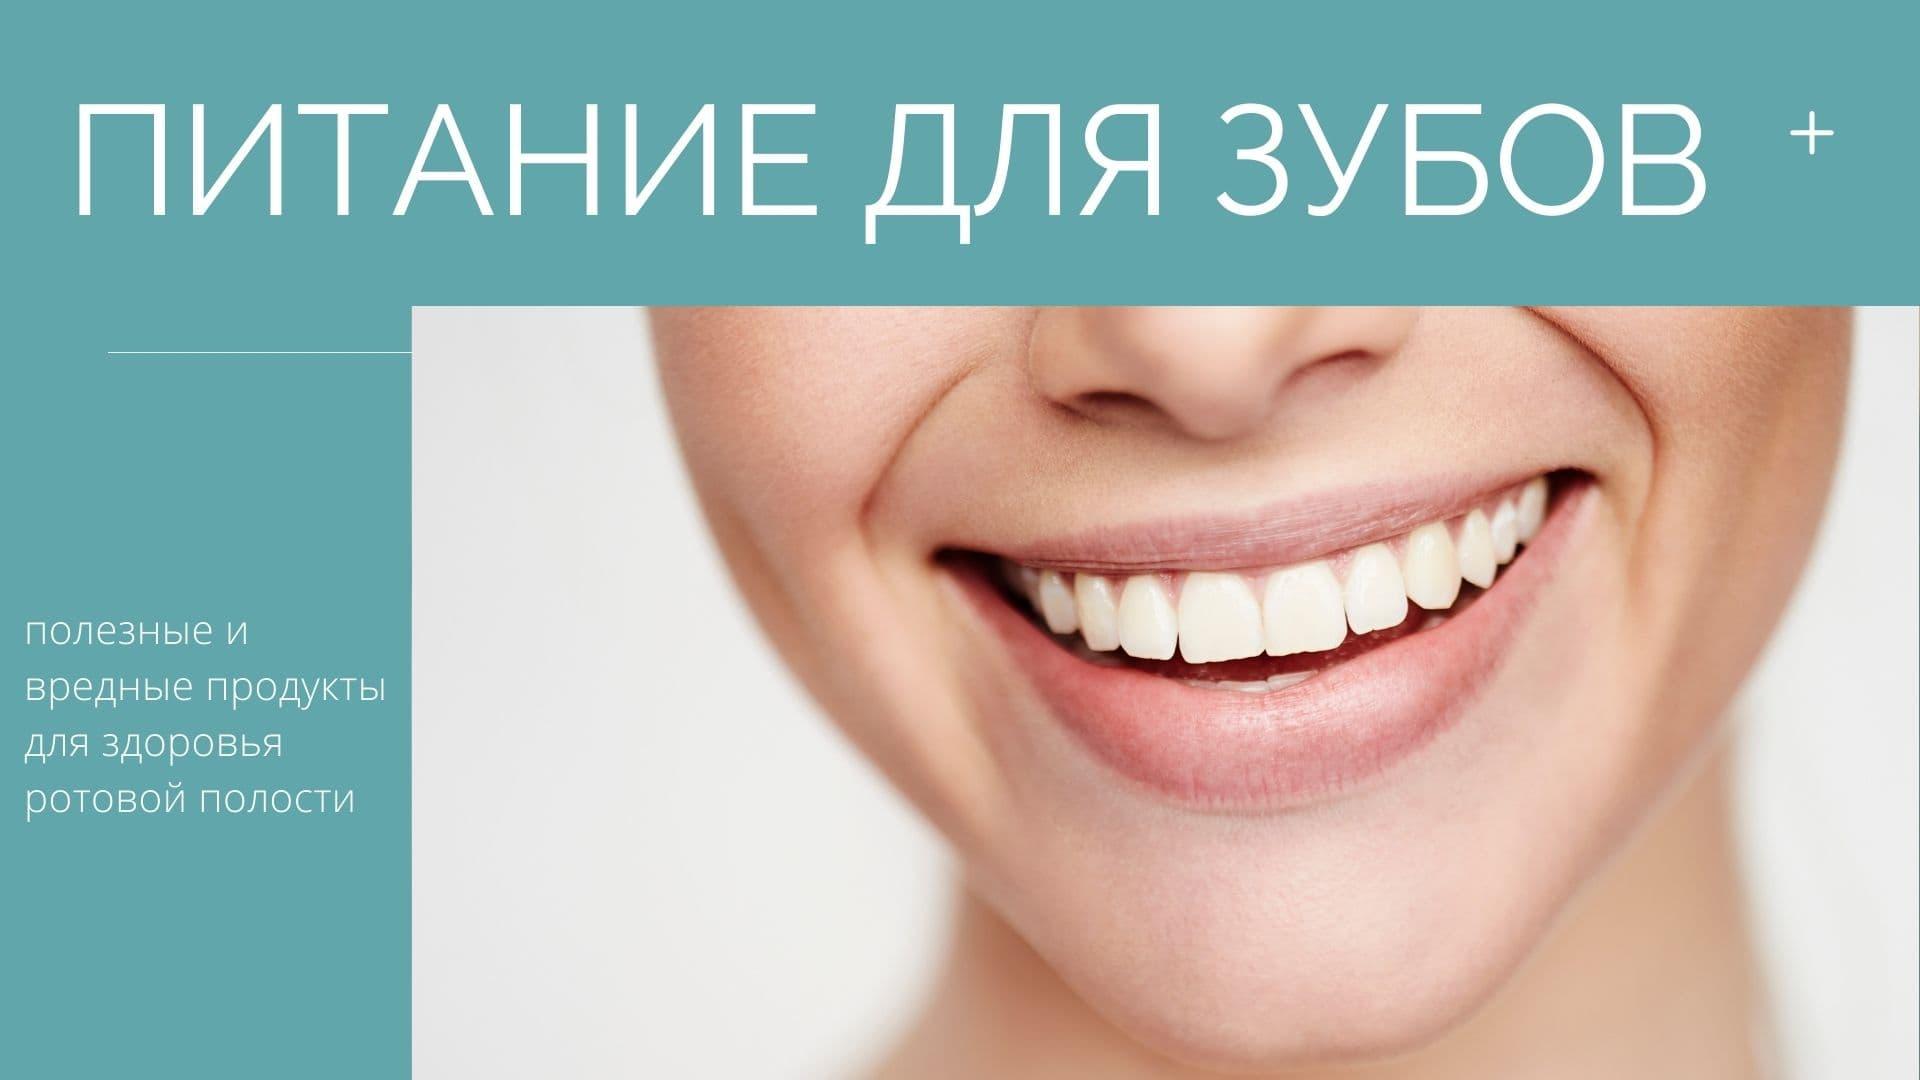 Питание для зубов: полезные и вредные продукты для здоровья ротовой полости